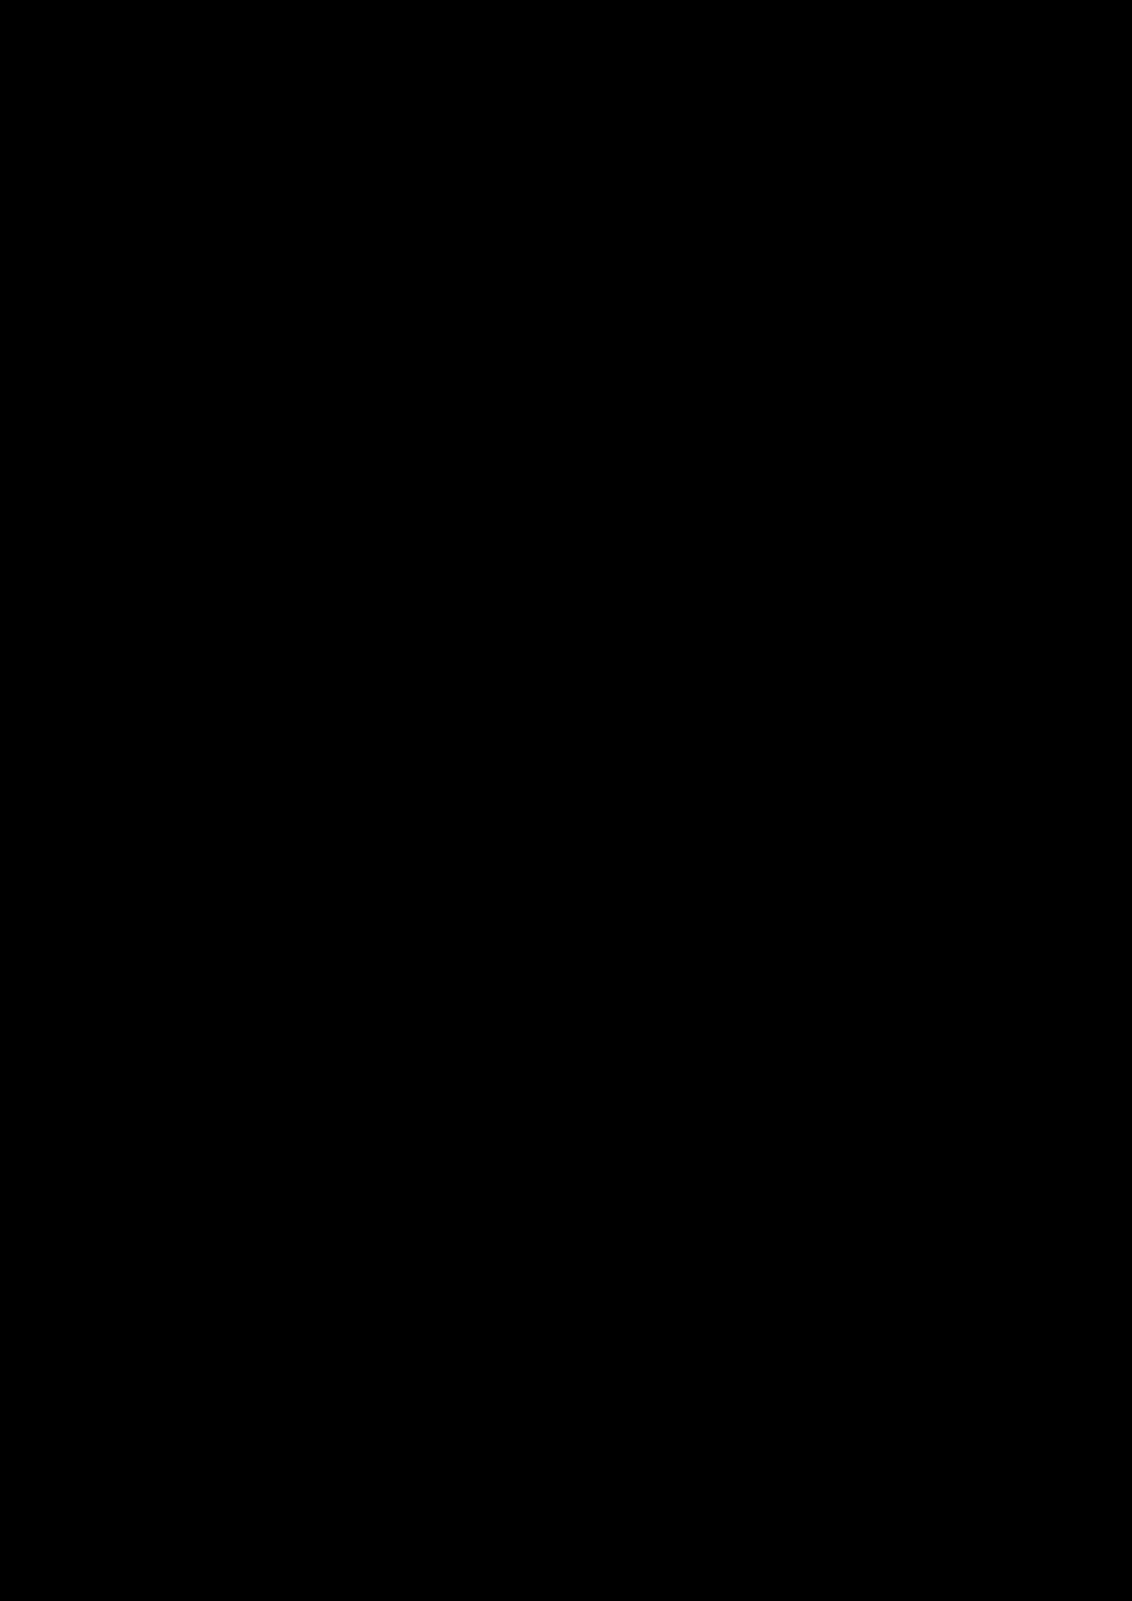 Proschanie s volshebnoy stranoy slide, Image 43